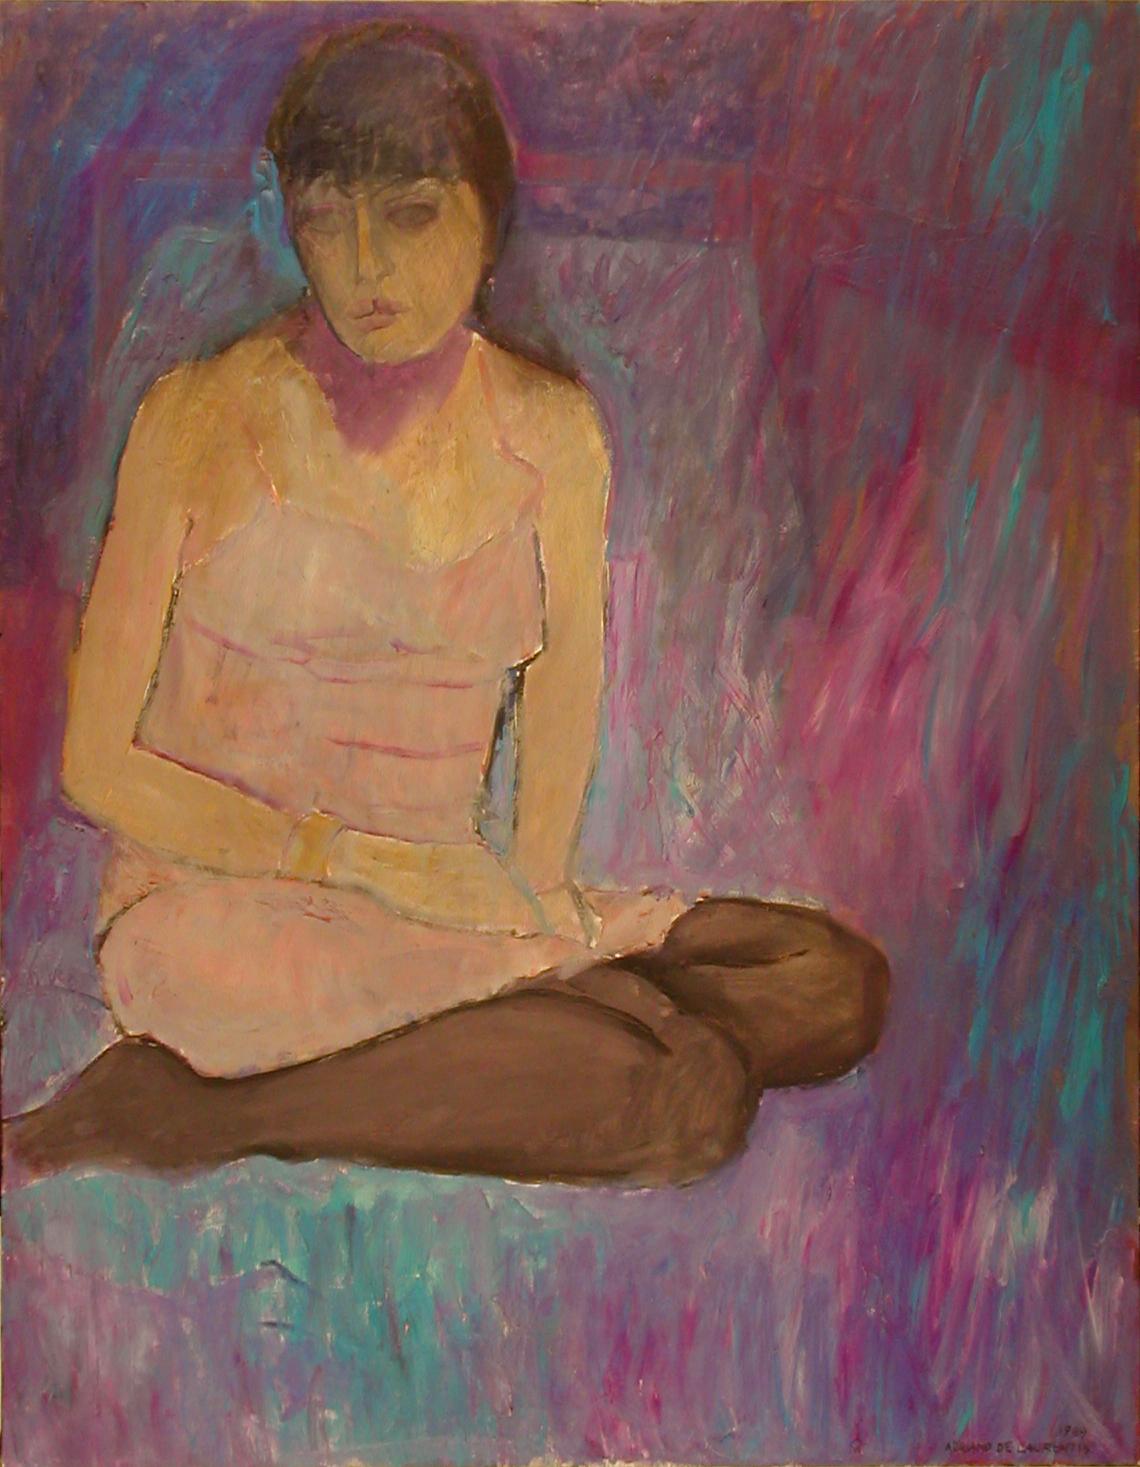 Figura con calze scure - 1989 - Olio su Tela - 90x70